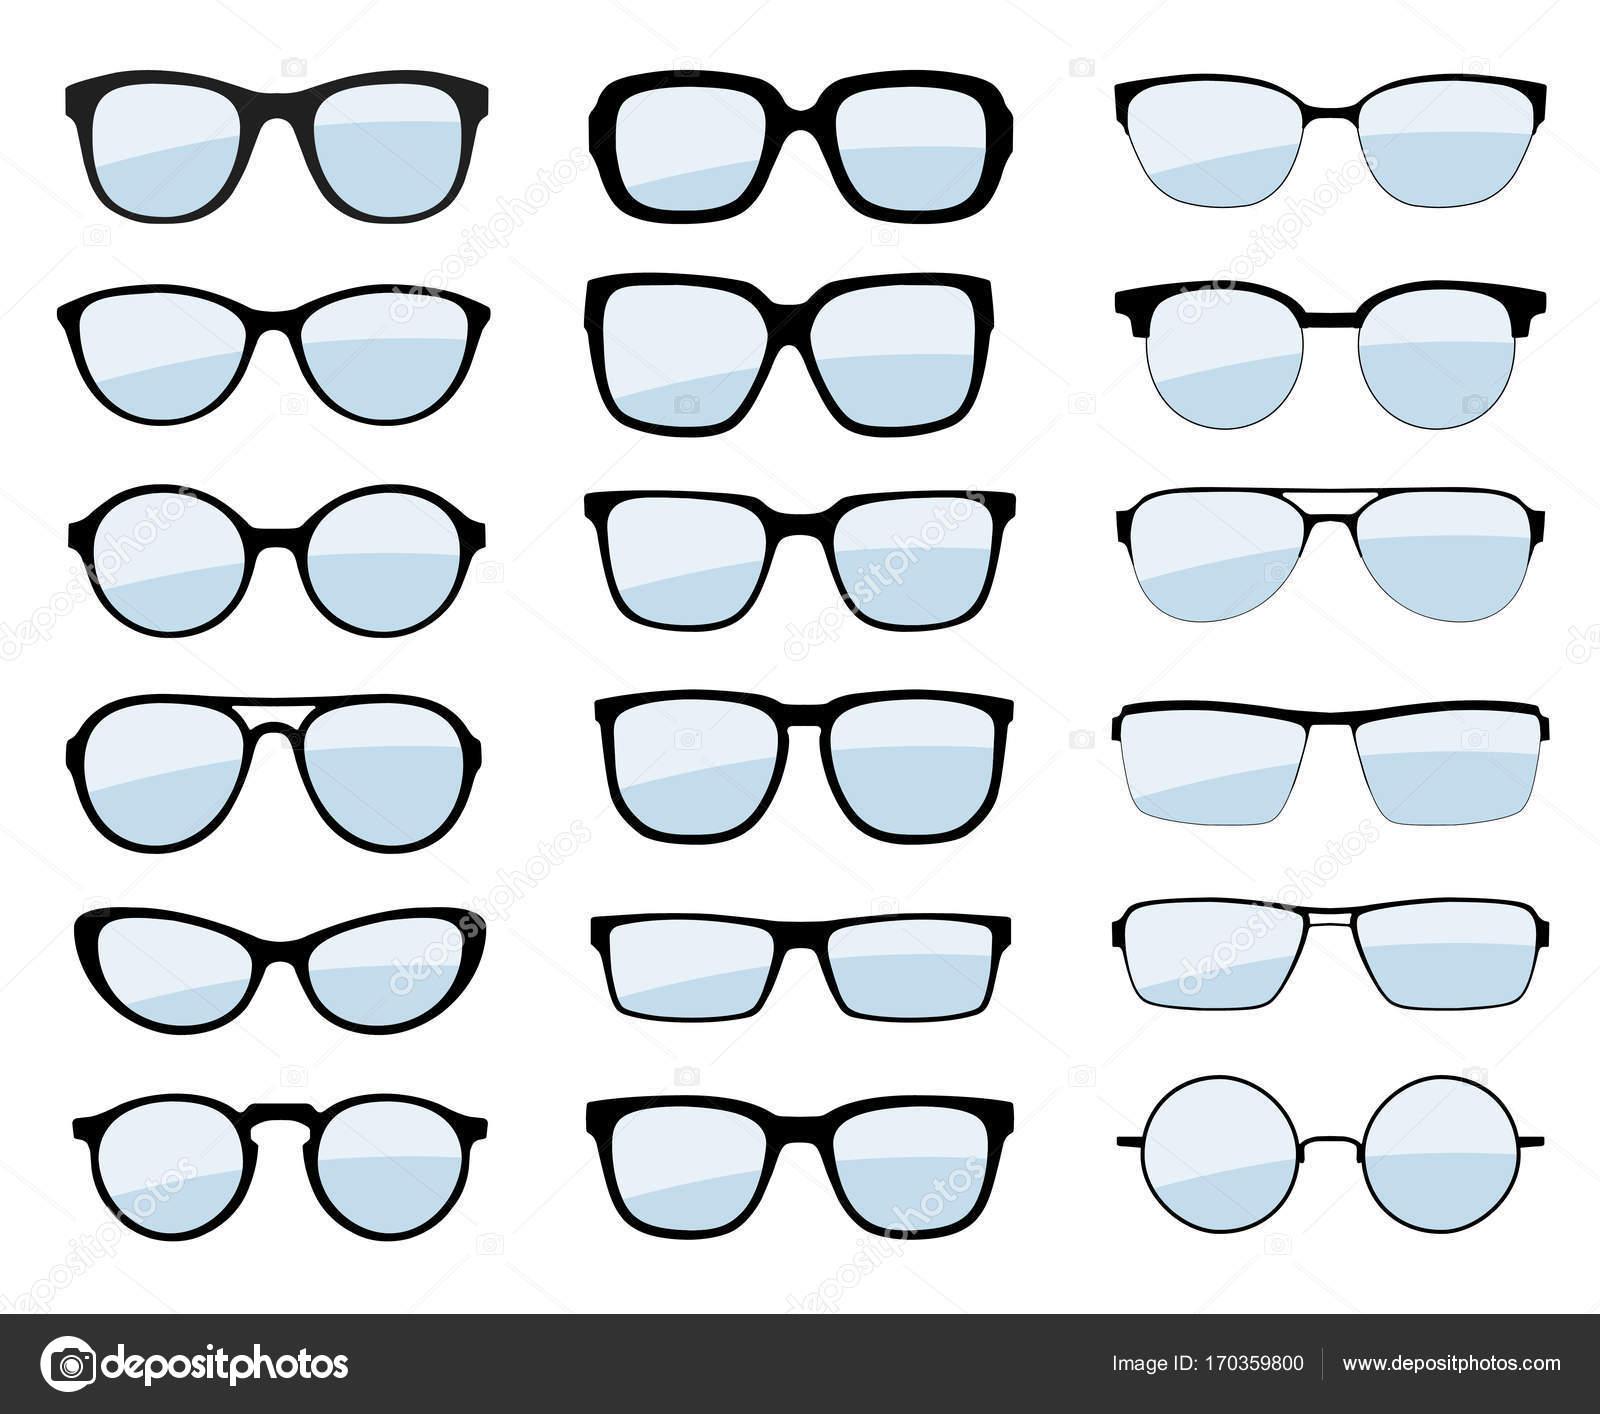 100% authentisch wie man bestellt große Auswahl Eine Reihe von Gläsern isoliert. Vektor-Brillen-Modell-Icons ...